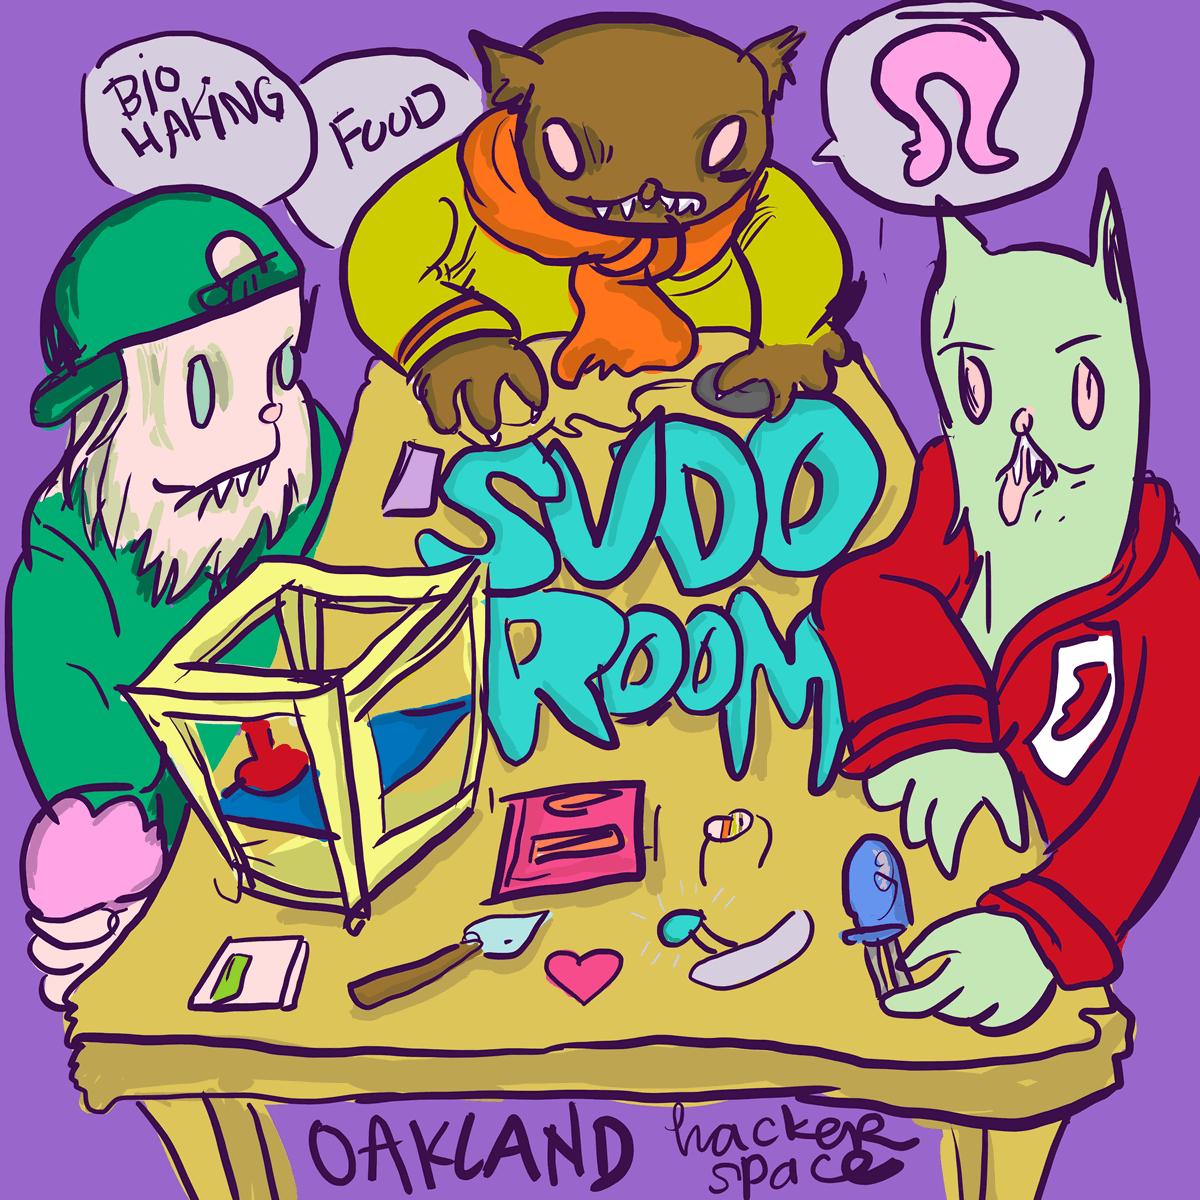 Comics at SudoRoom